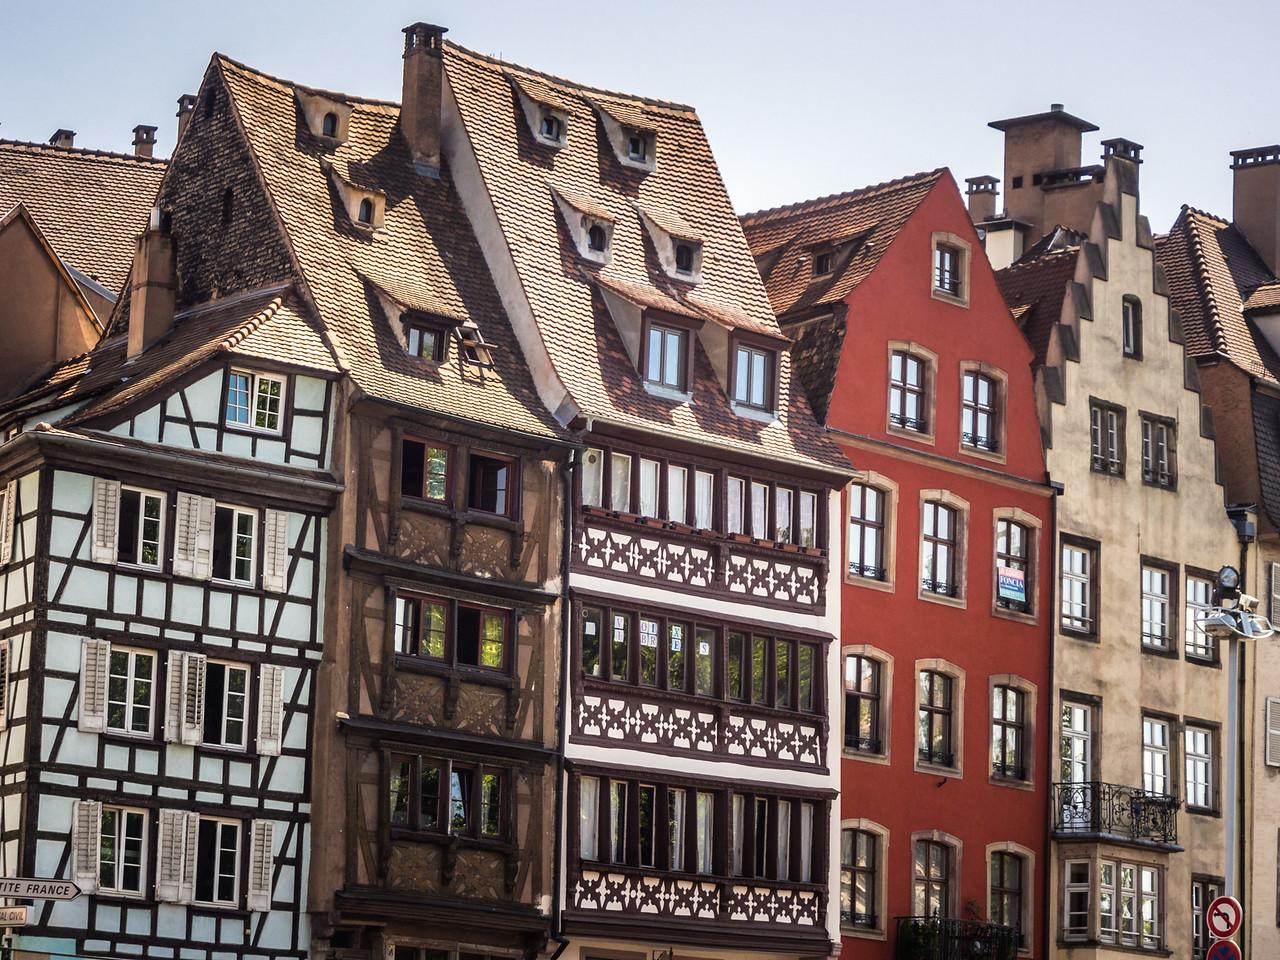 Strasbourg Rooftops, France